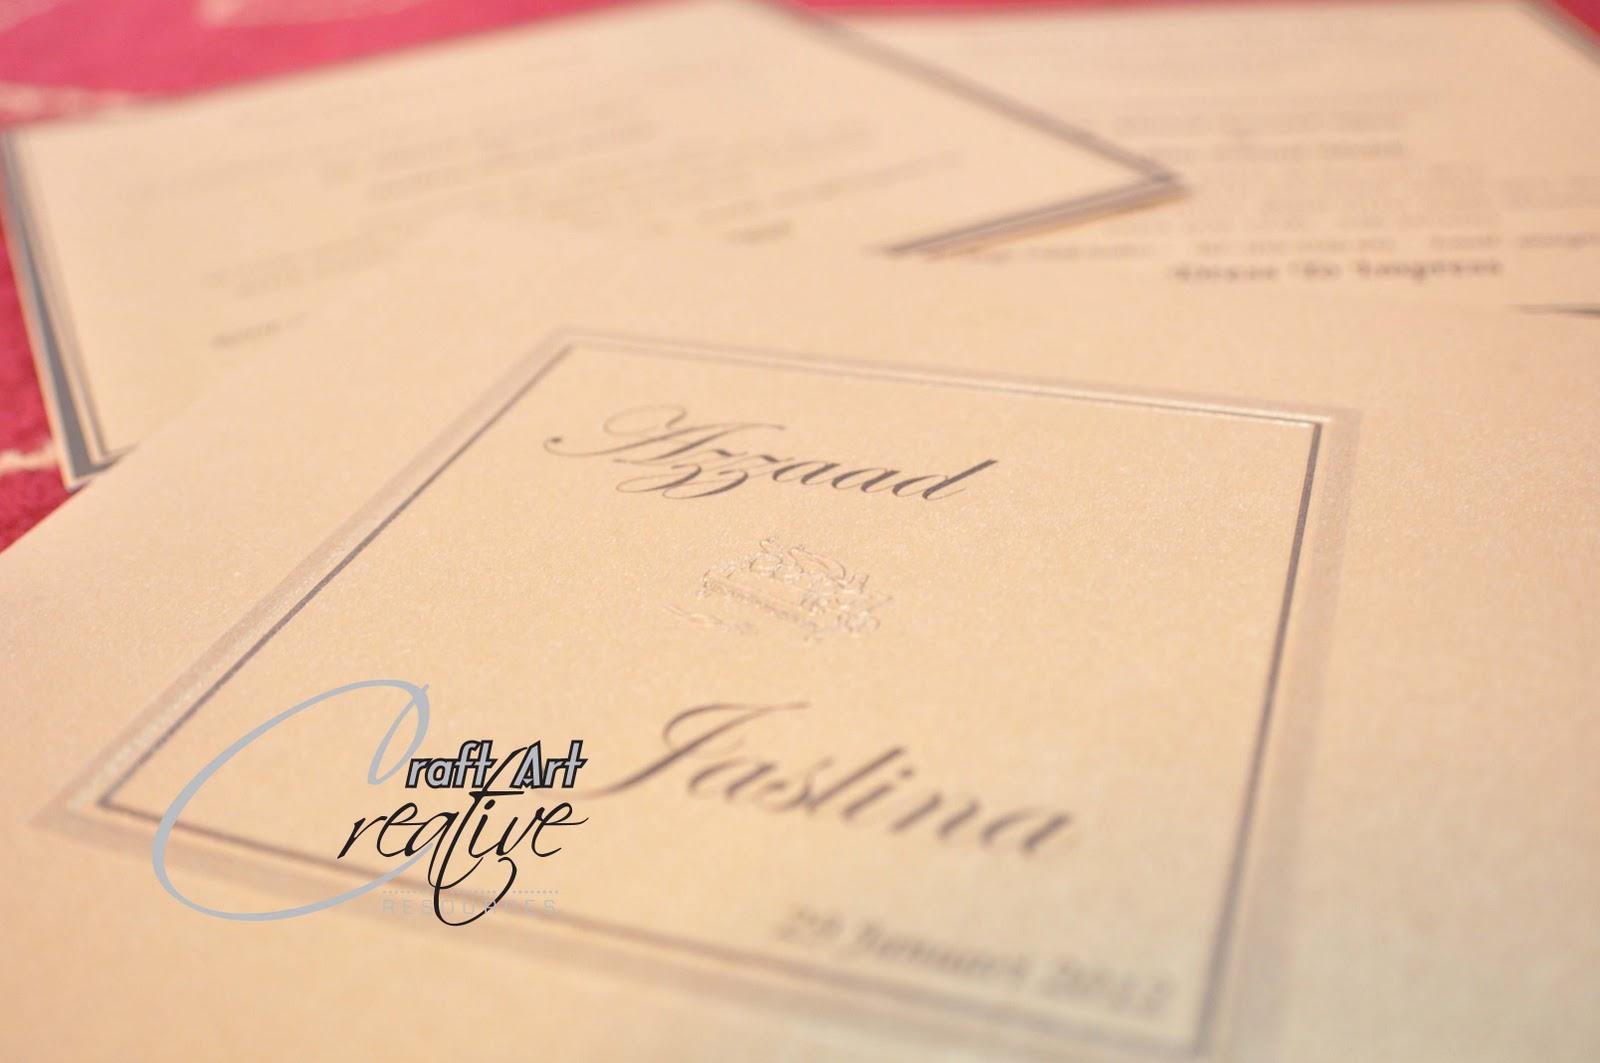 http://2.bp.blogspot.com/-F7UlVvyDTNA/TuMCdH1KzRI/AAAAAAAAAZA/CFzMpAk_0yk/s1600/Azzaad+%2526+Jaslina+1.jpg